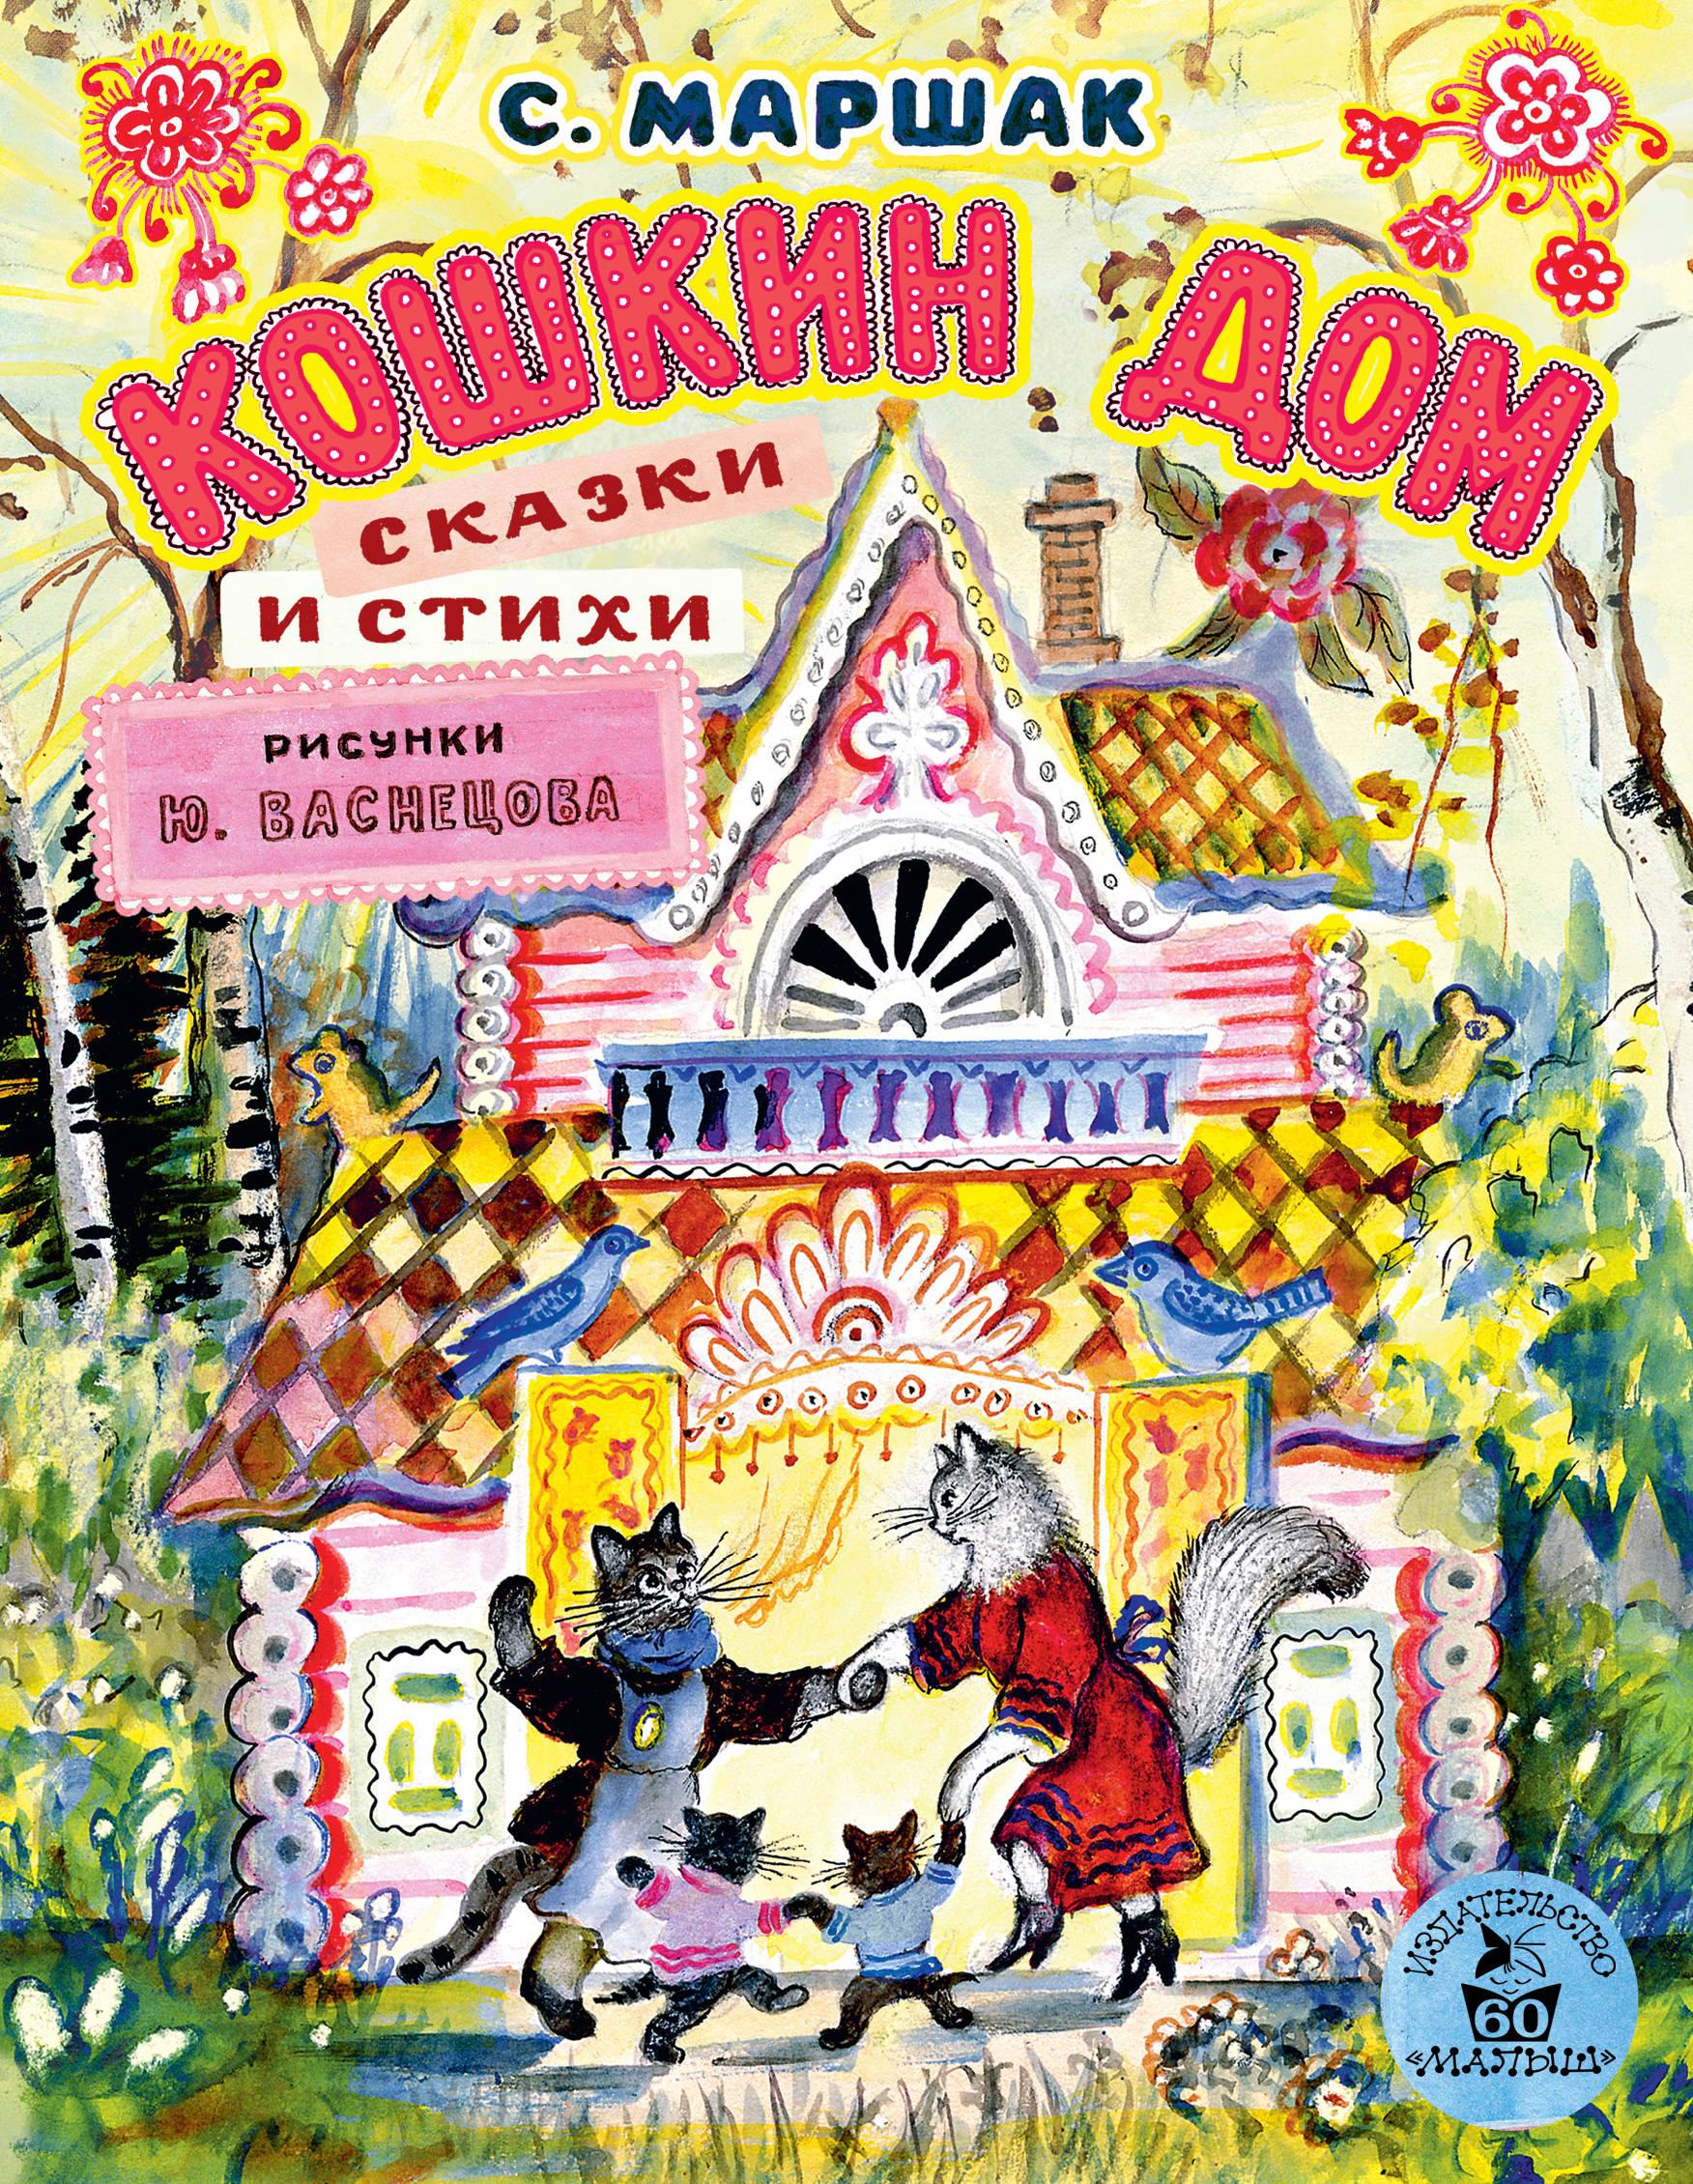 Маршак С.Я. Кошкин дом. Сказки и стихи. Рисунки Ю. Васнецова